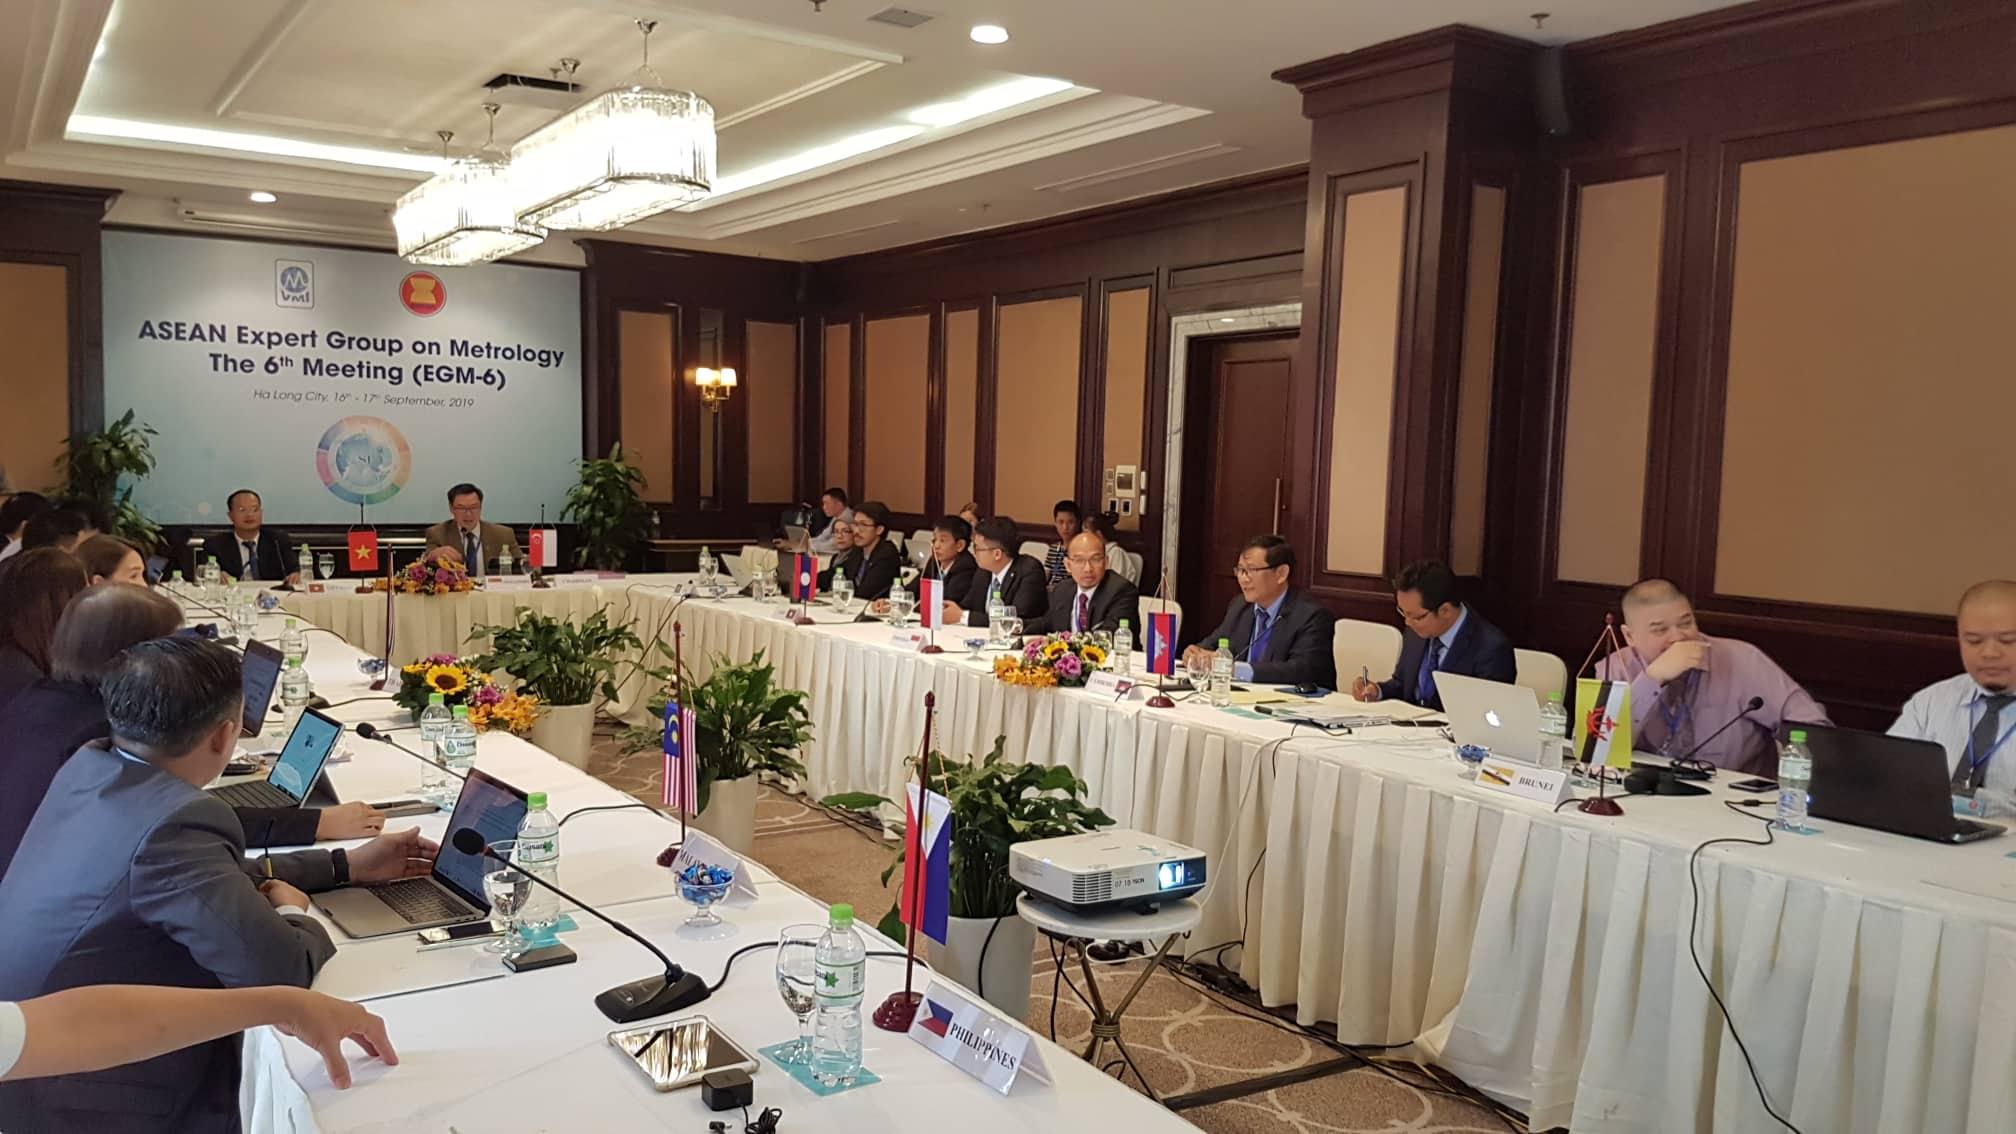 Hội thảo nhóm chuyên gia về đo lường khu vực ASEAN lần thứ 6. Ảnh: Doãn Trung